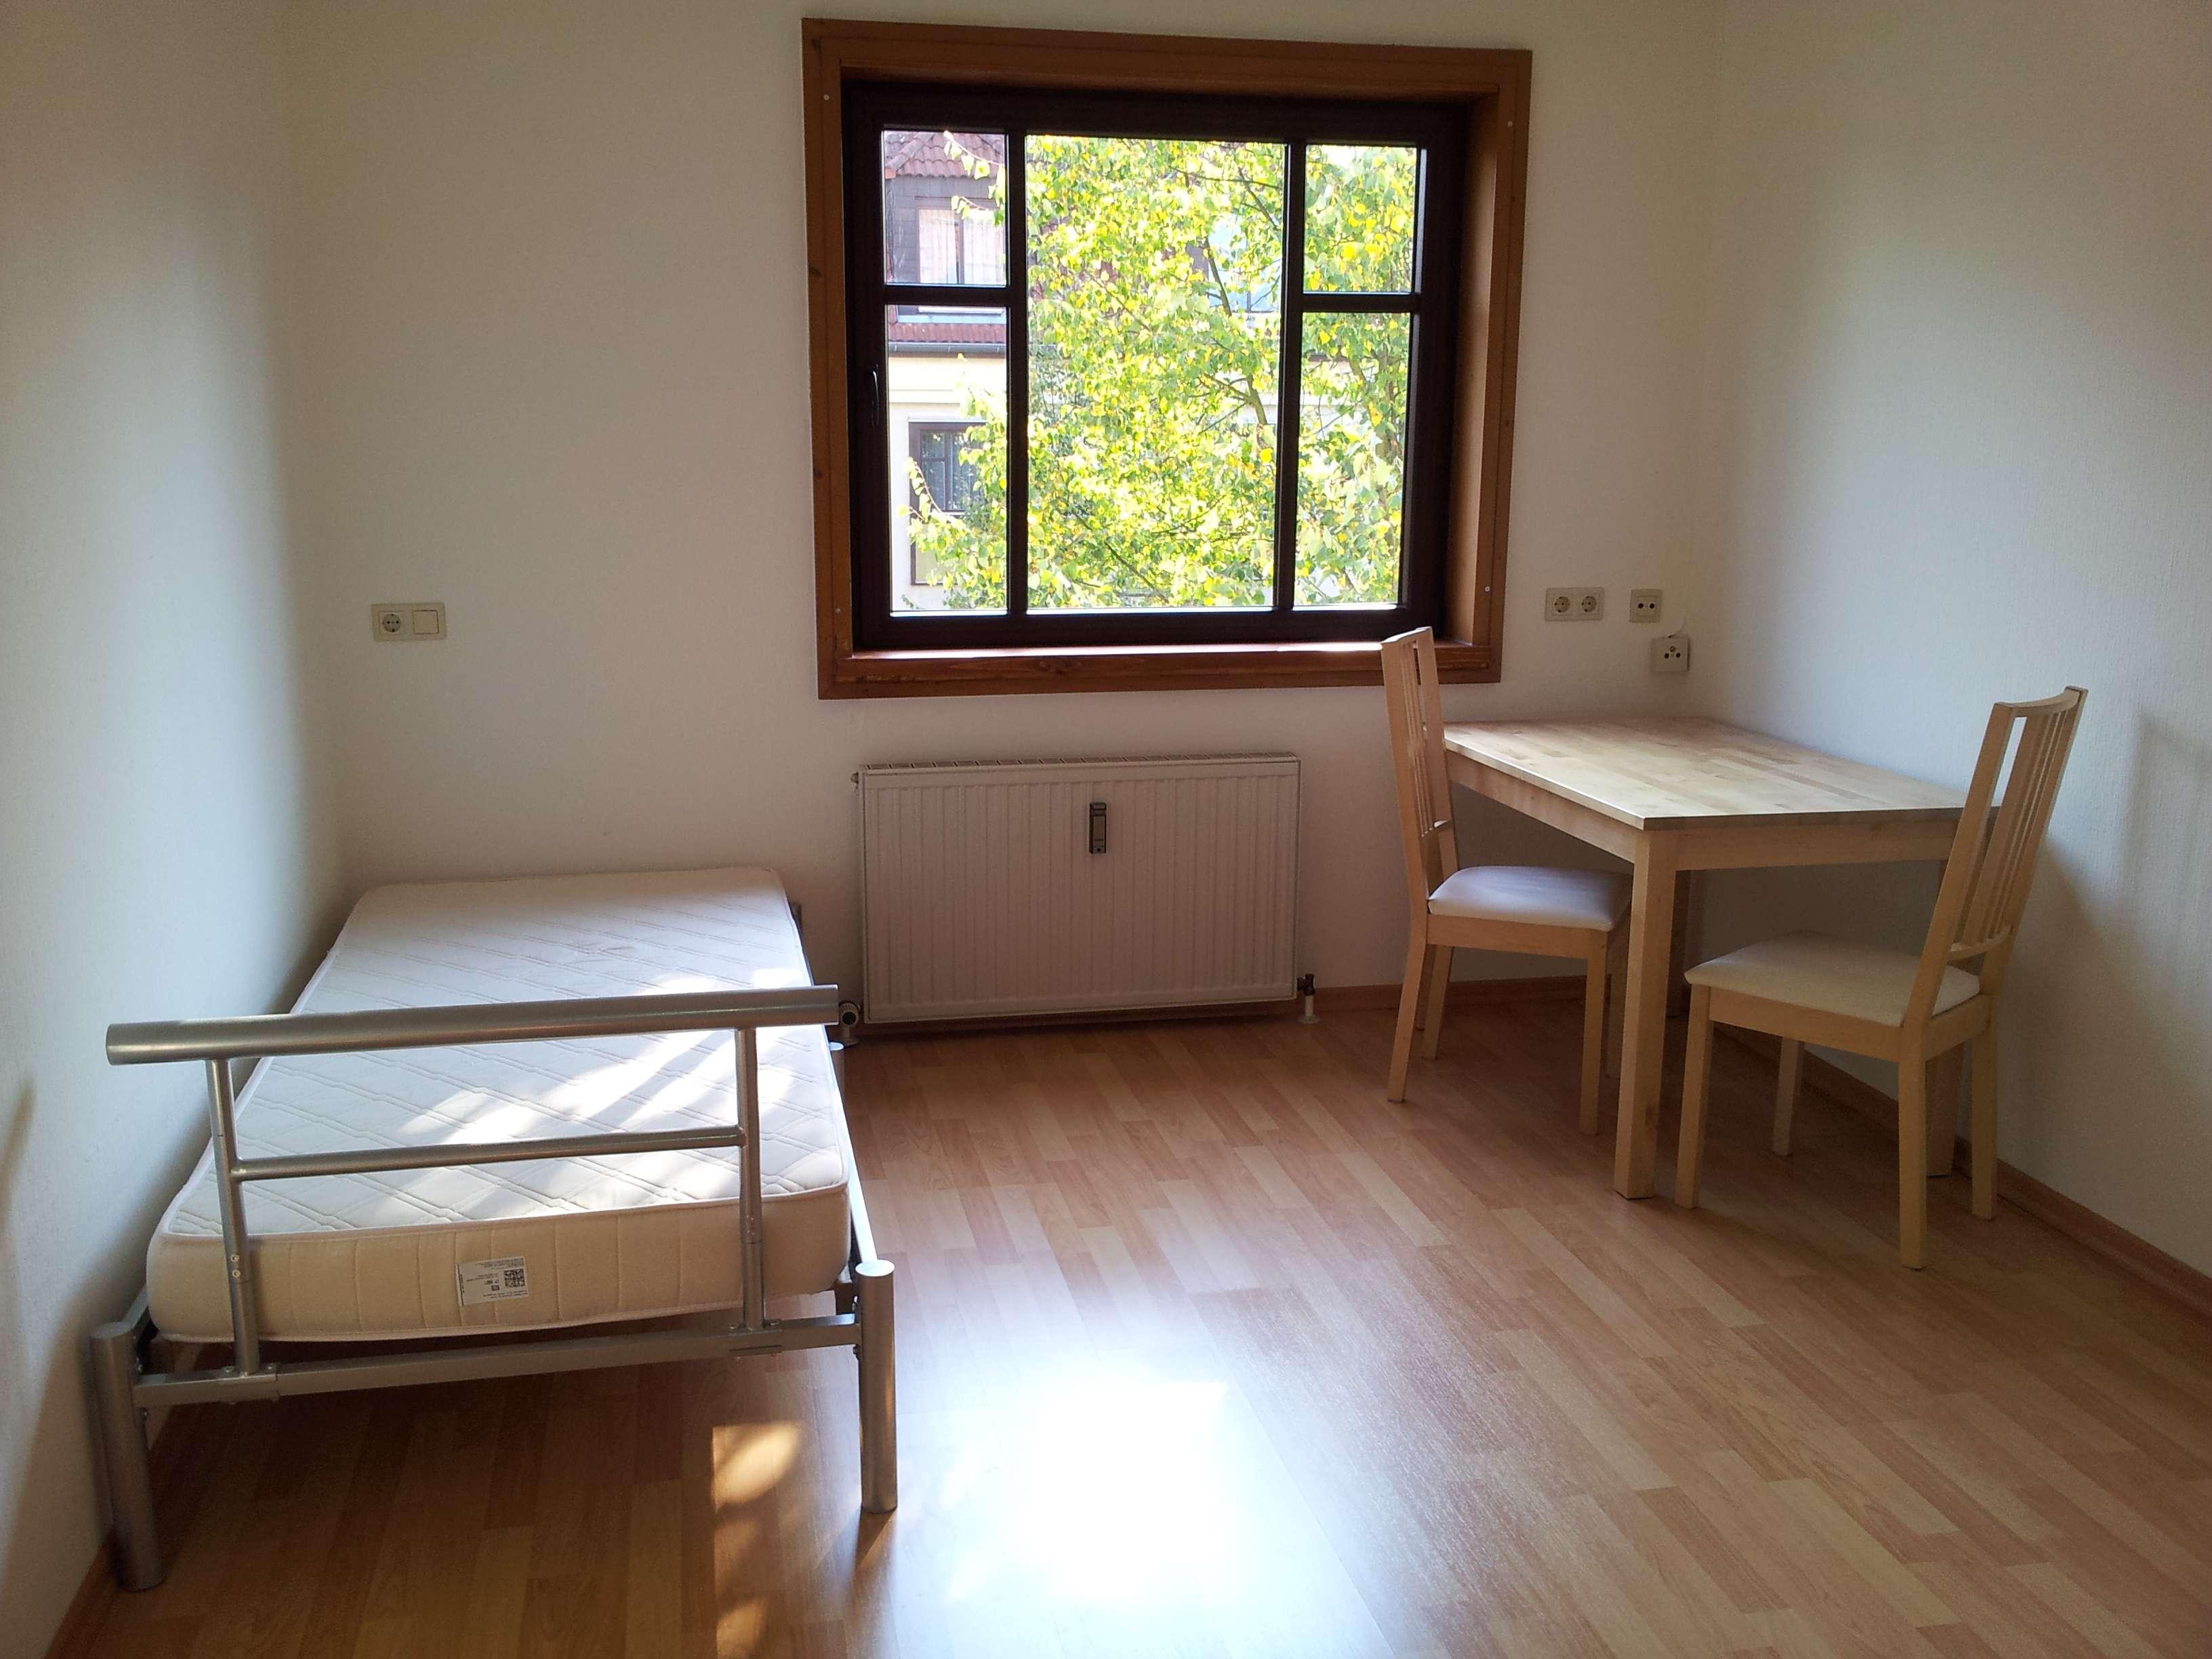 Möblierte 1-Zi.-Wohnung mit Einbauküche in Bayreuth zwischen Bahnhof und Zentrum, Wfl. ca. 19 m² in